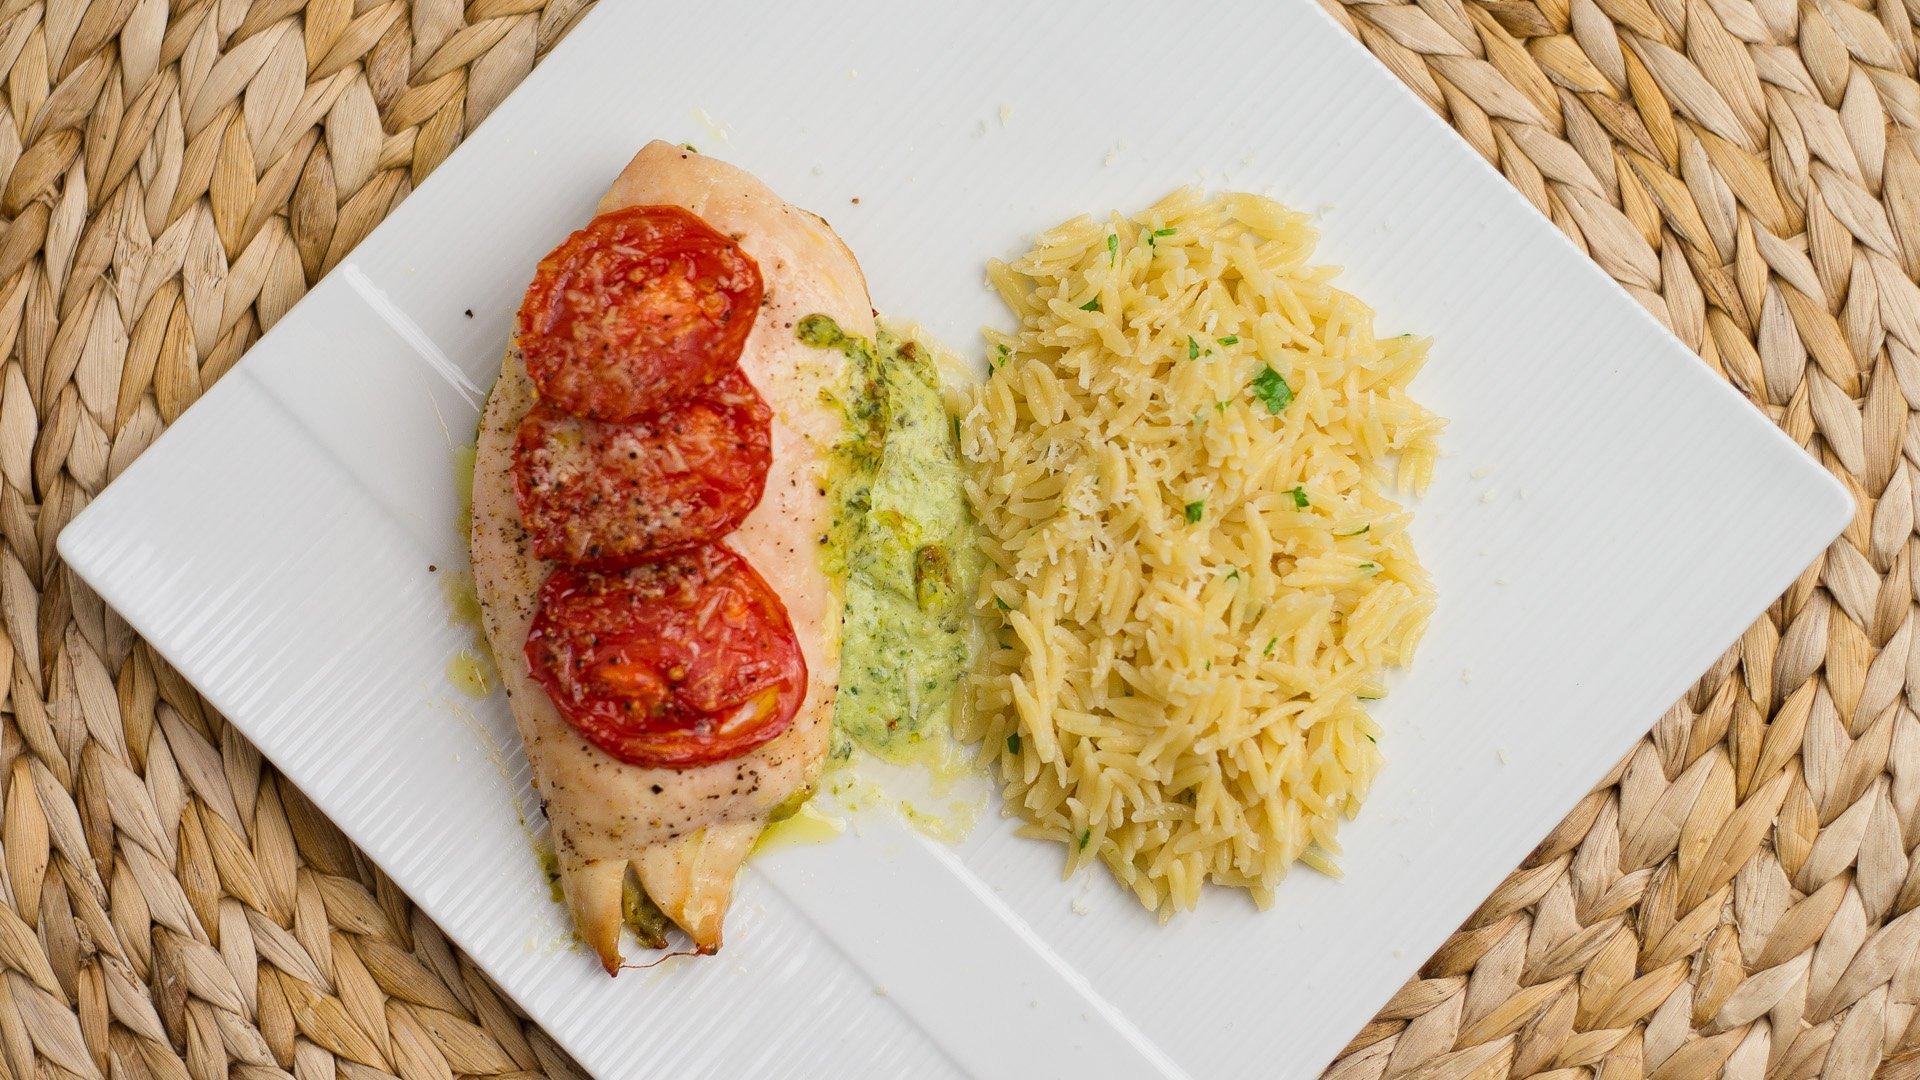 Pesto Cheese Stuffed Chicken Recipe - ChichiLicious.com